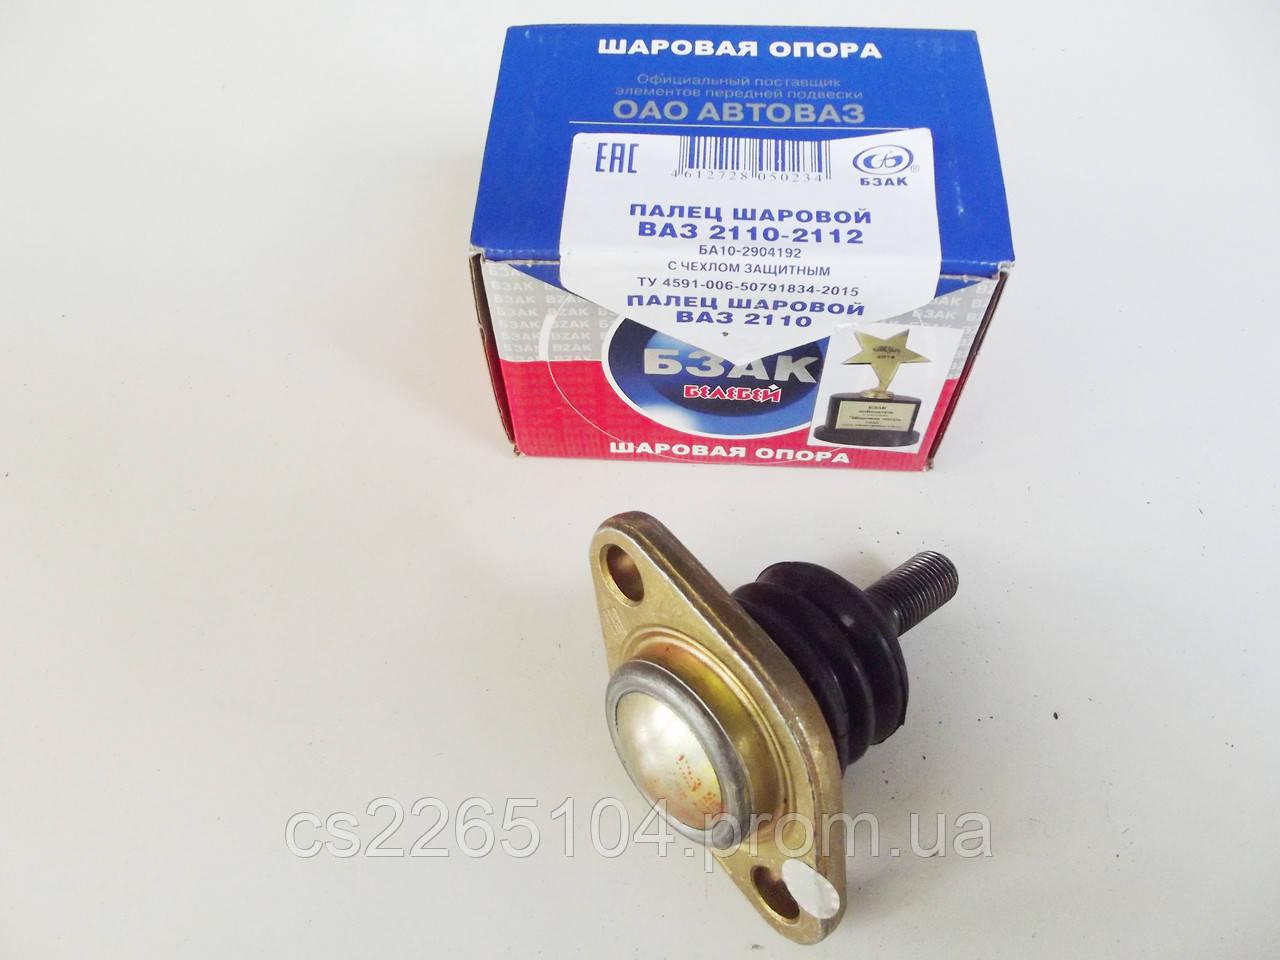 Опора шаровая ВАЗ 2108-2110-2170 Белебей (Усиленные)